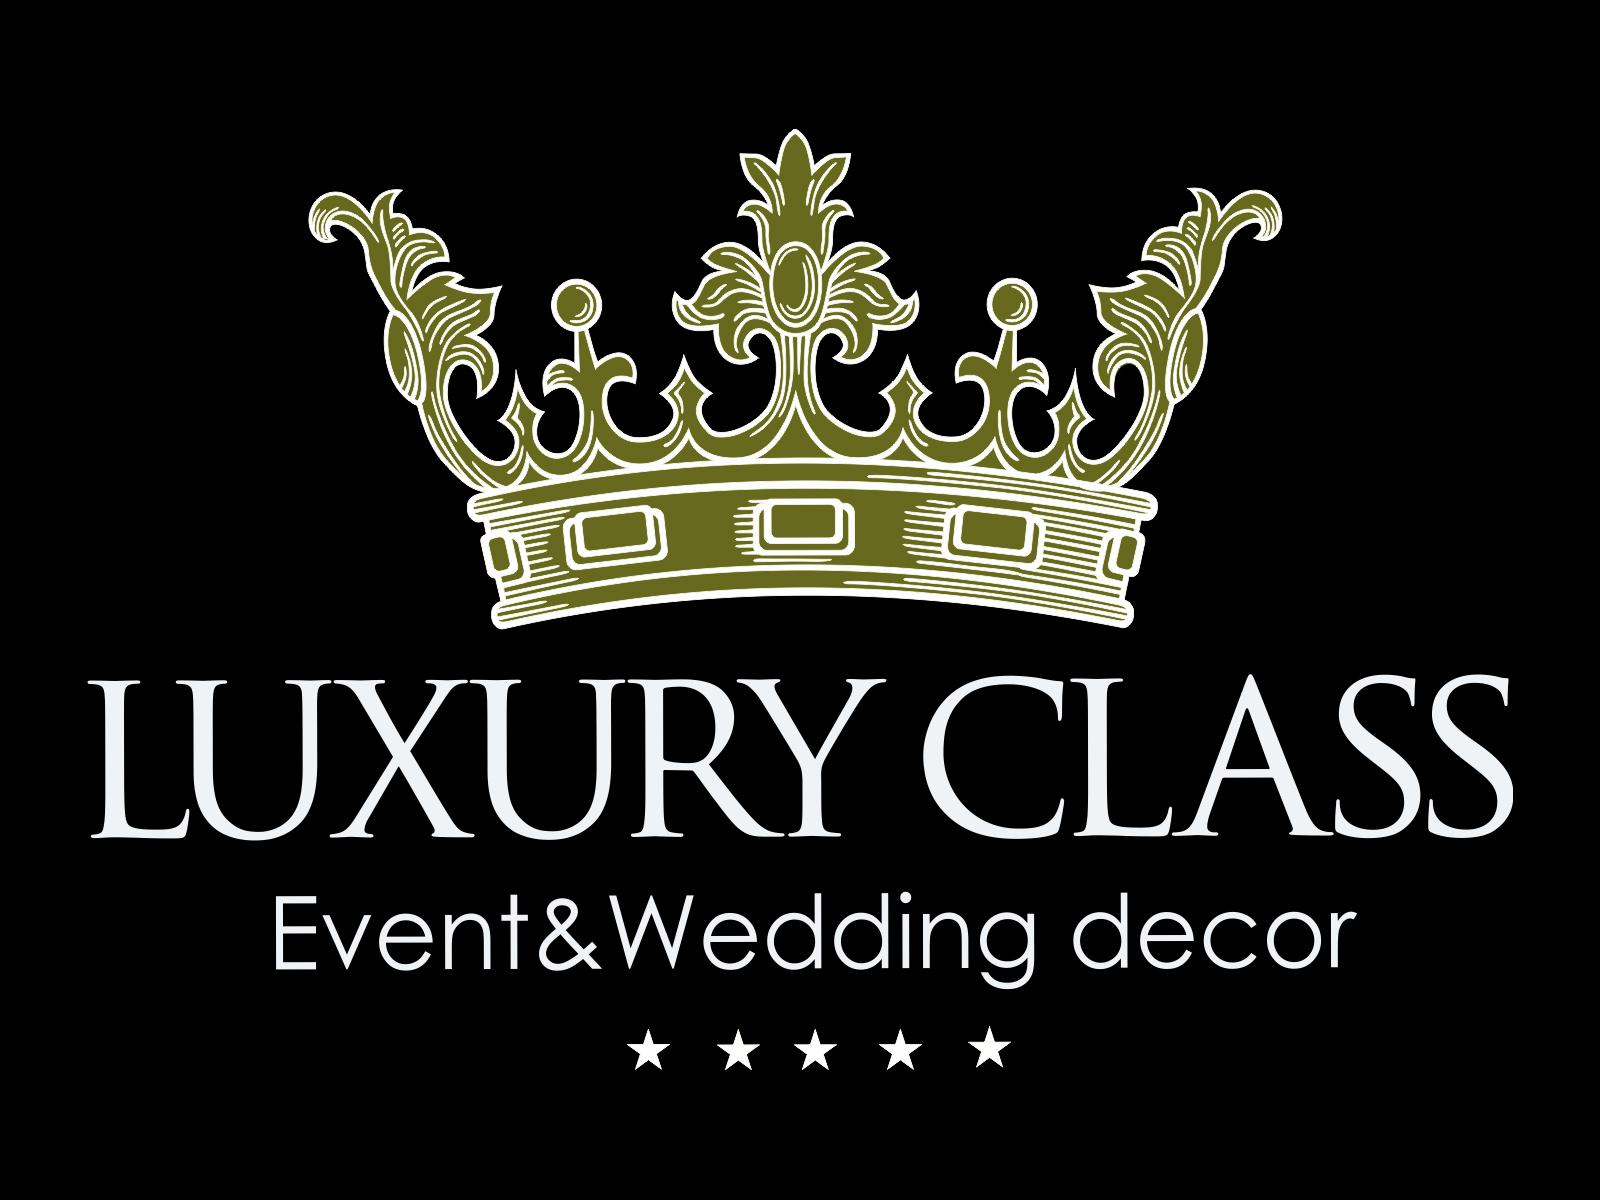 Luxury Class